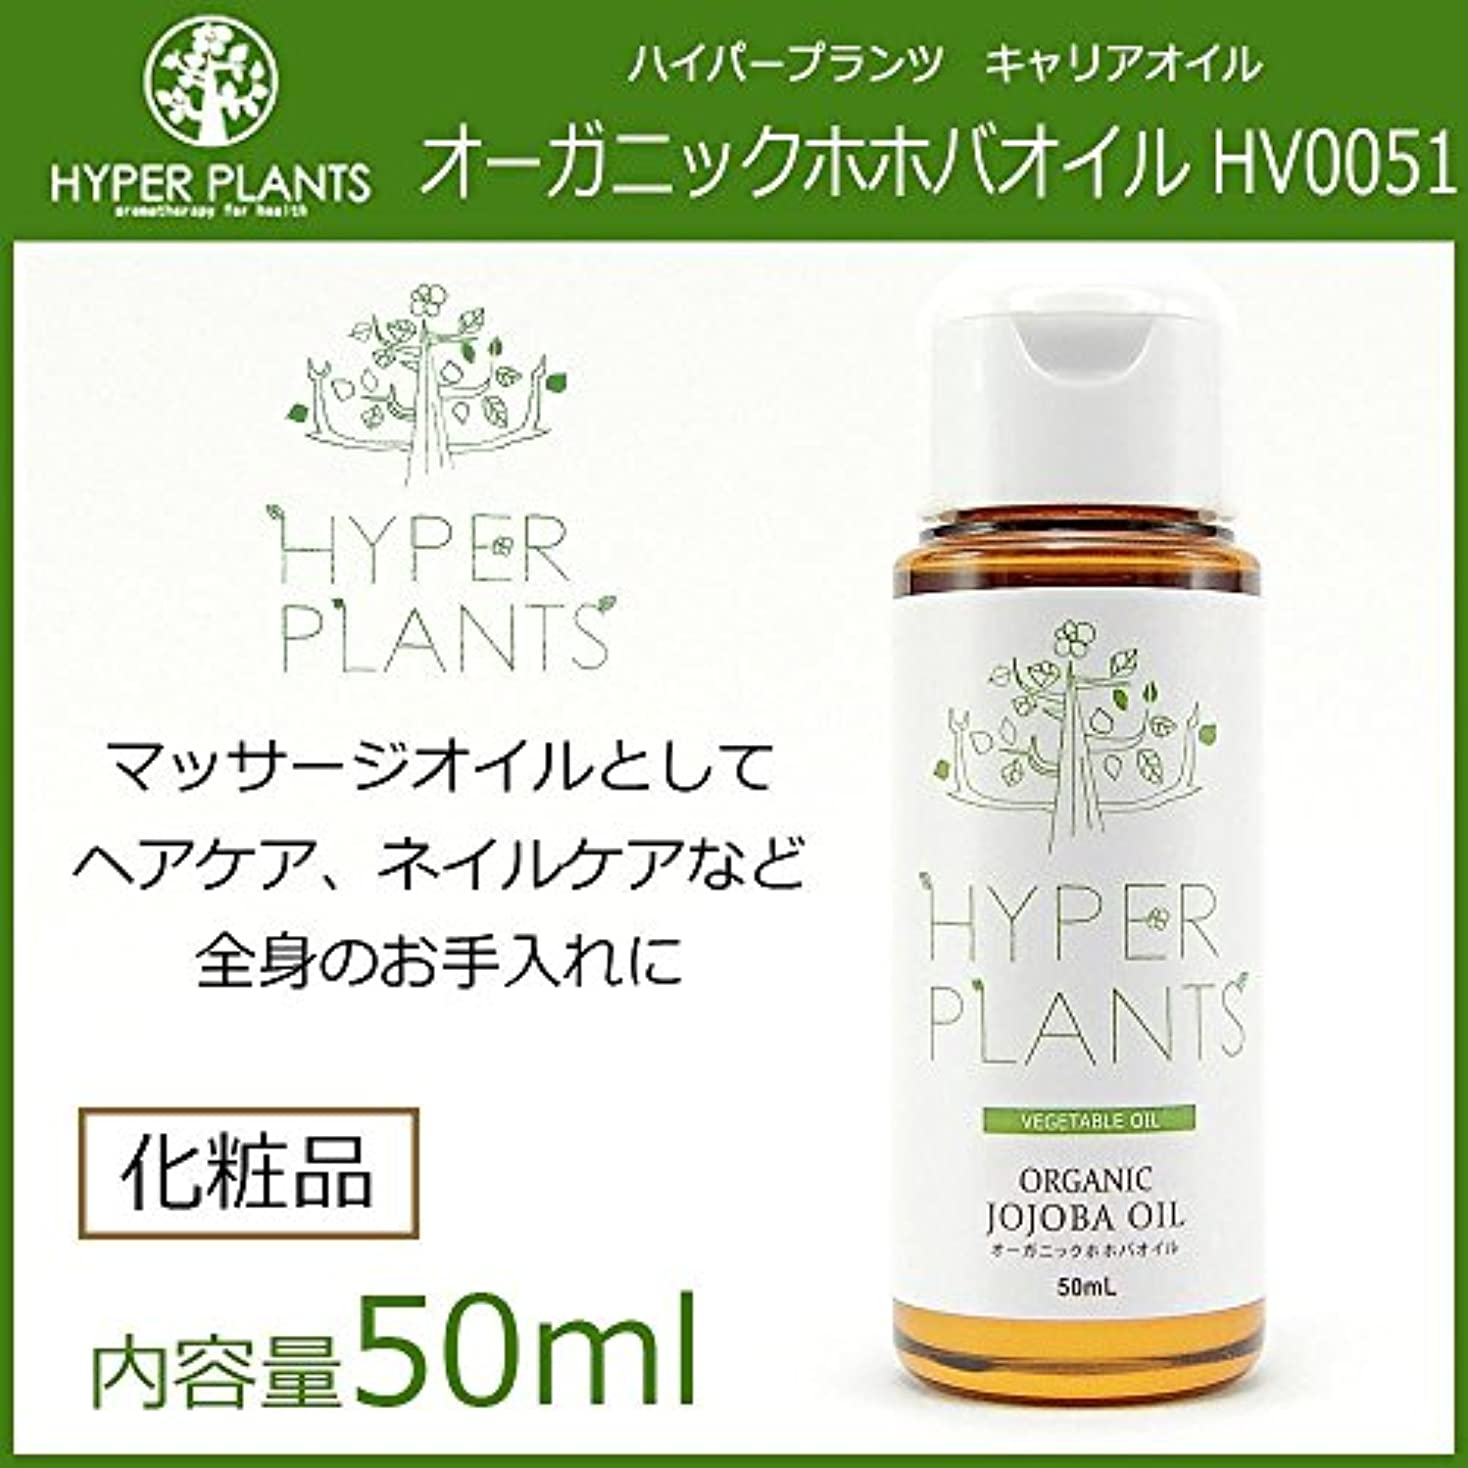 タヒチ疑い者王族HYPER PLANTS ハイパープランツ キャリアオイル オーガニックホホバオイル 50ml HV0051